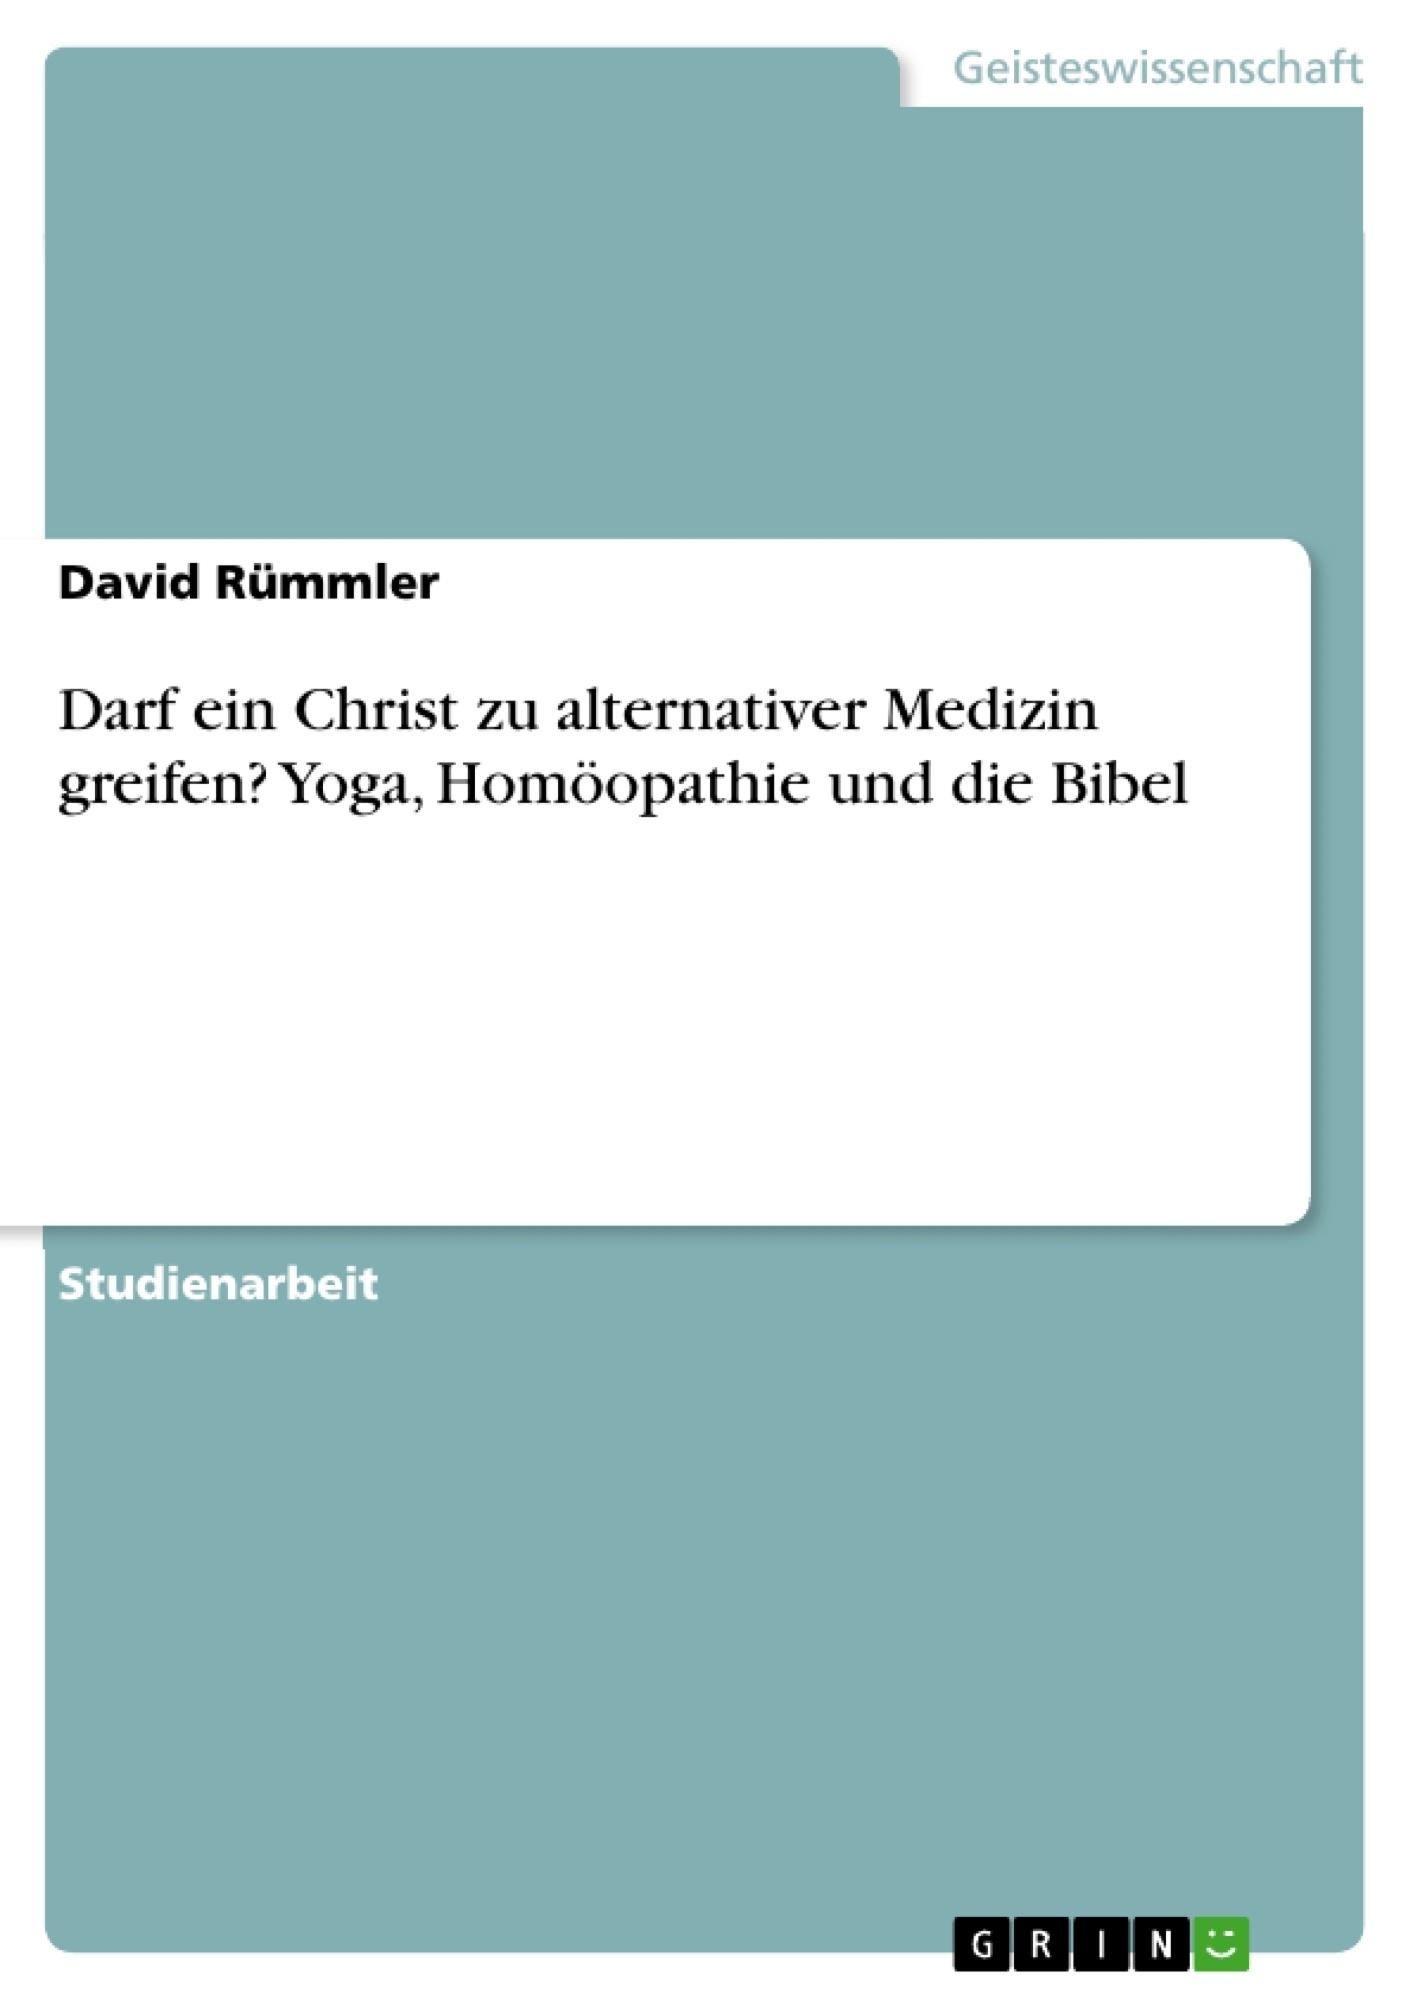 Titel: Darf ein Christ zu alternativer Medizin greifen? Yoga, Homöopathie und die Bibel